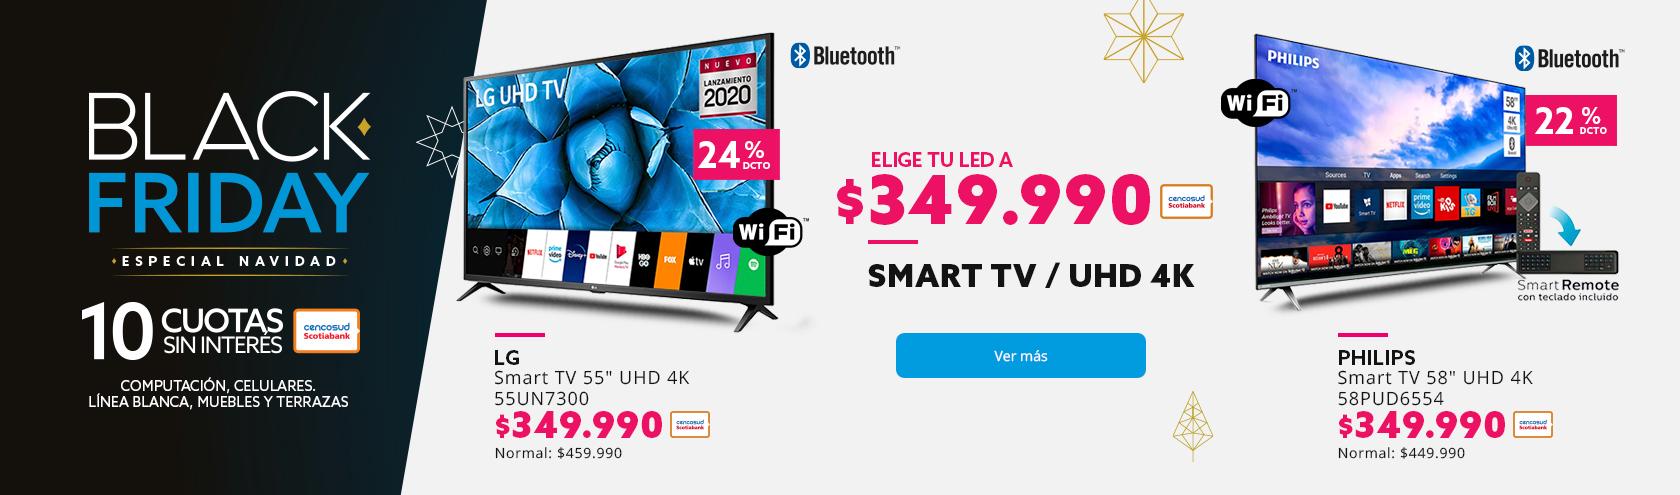 Elige tu Smart tv por $349.990